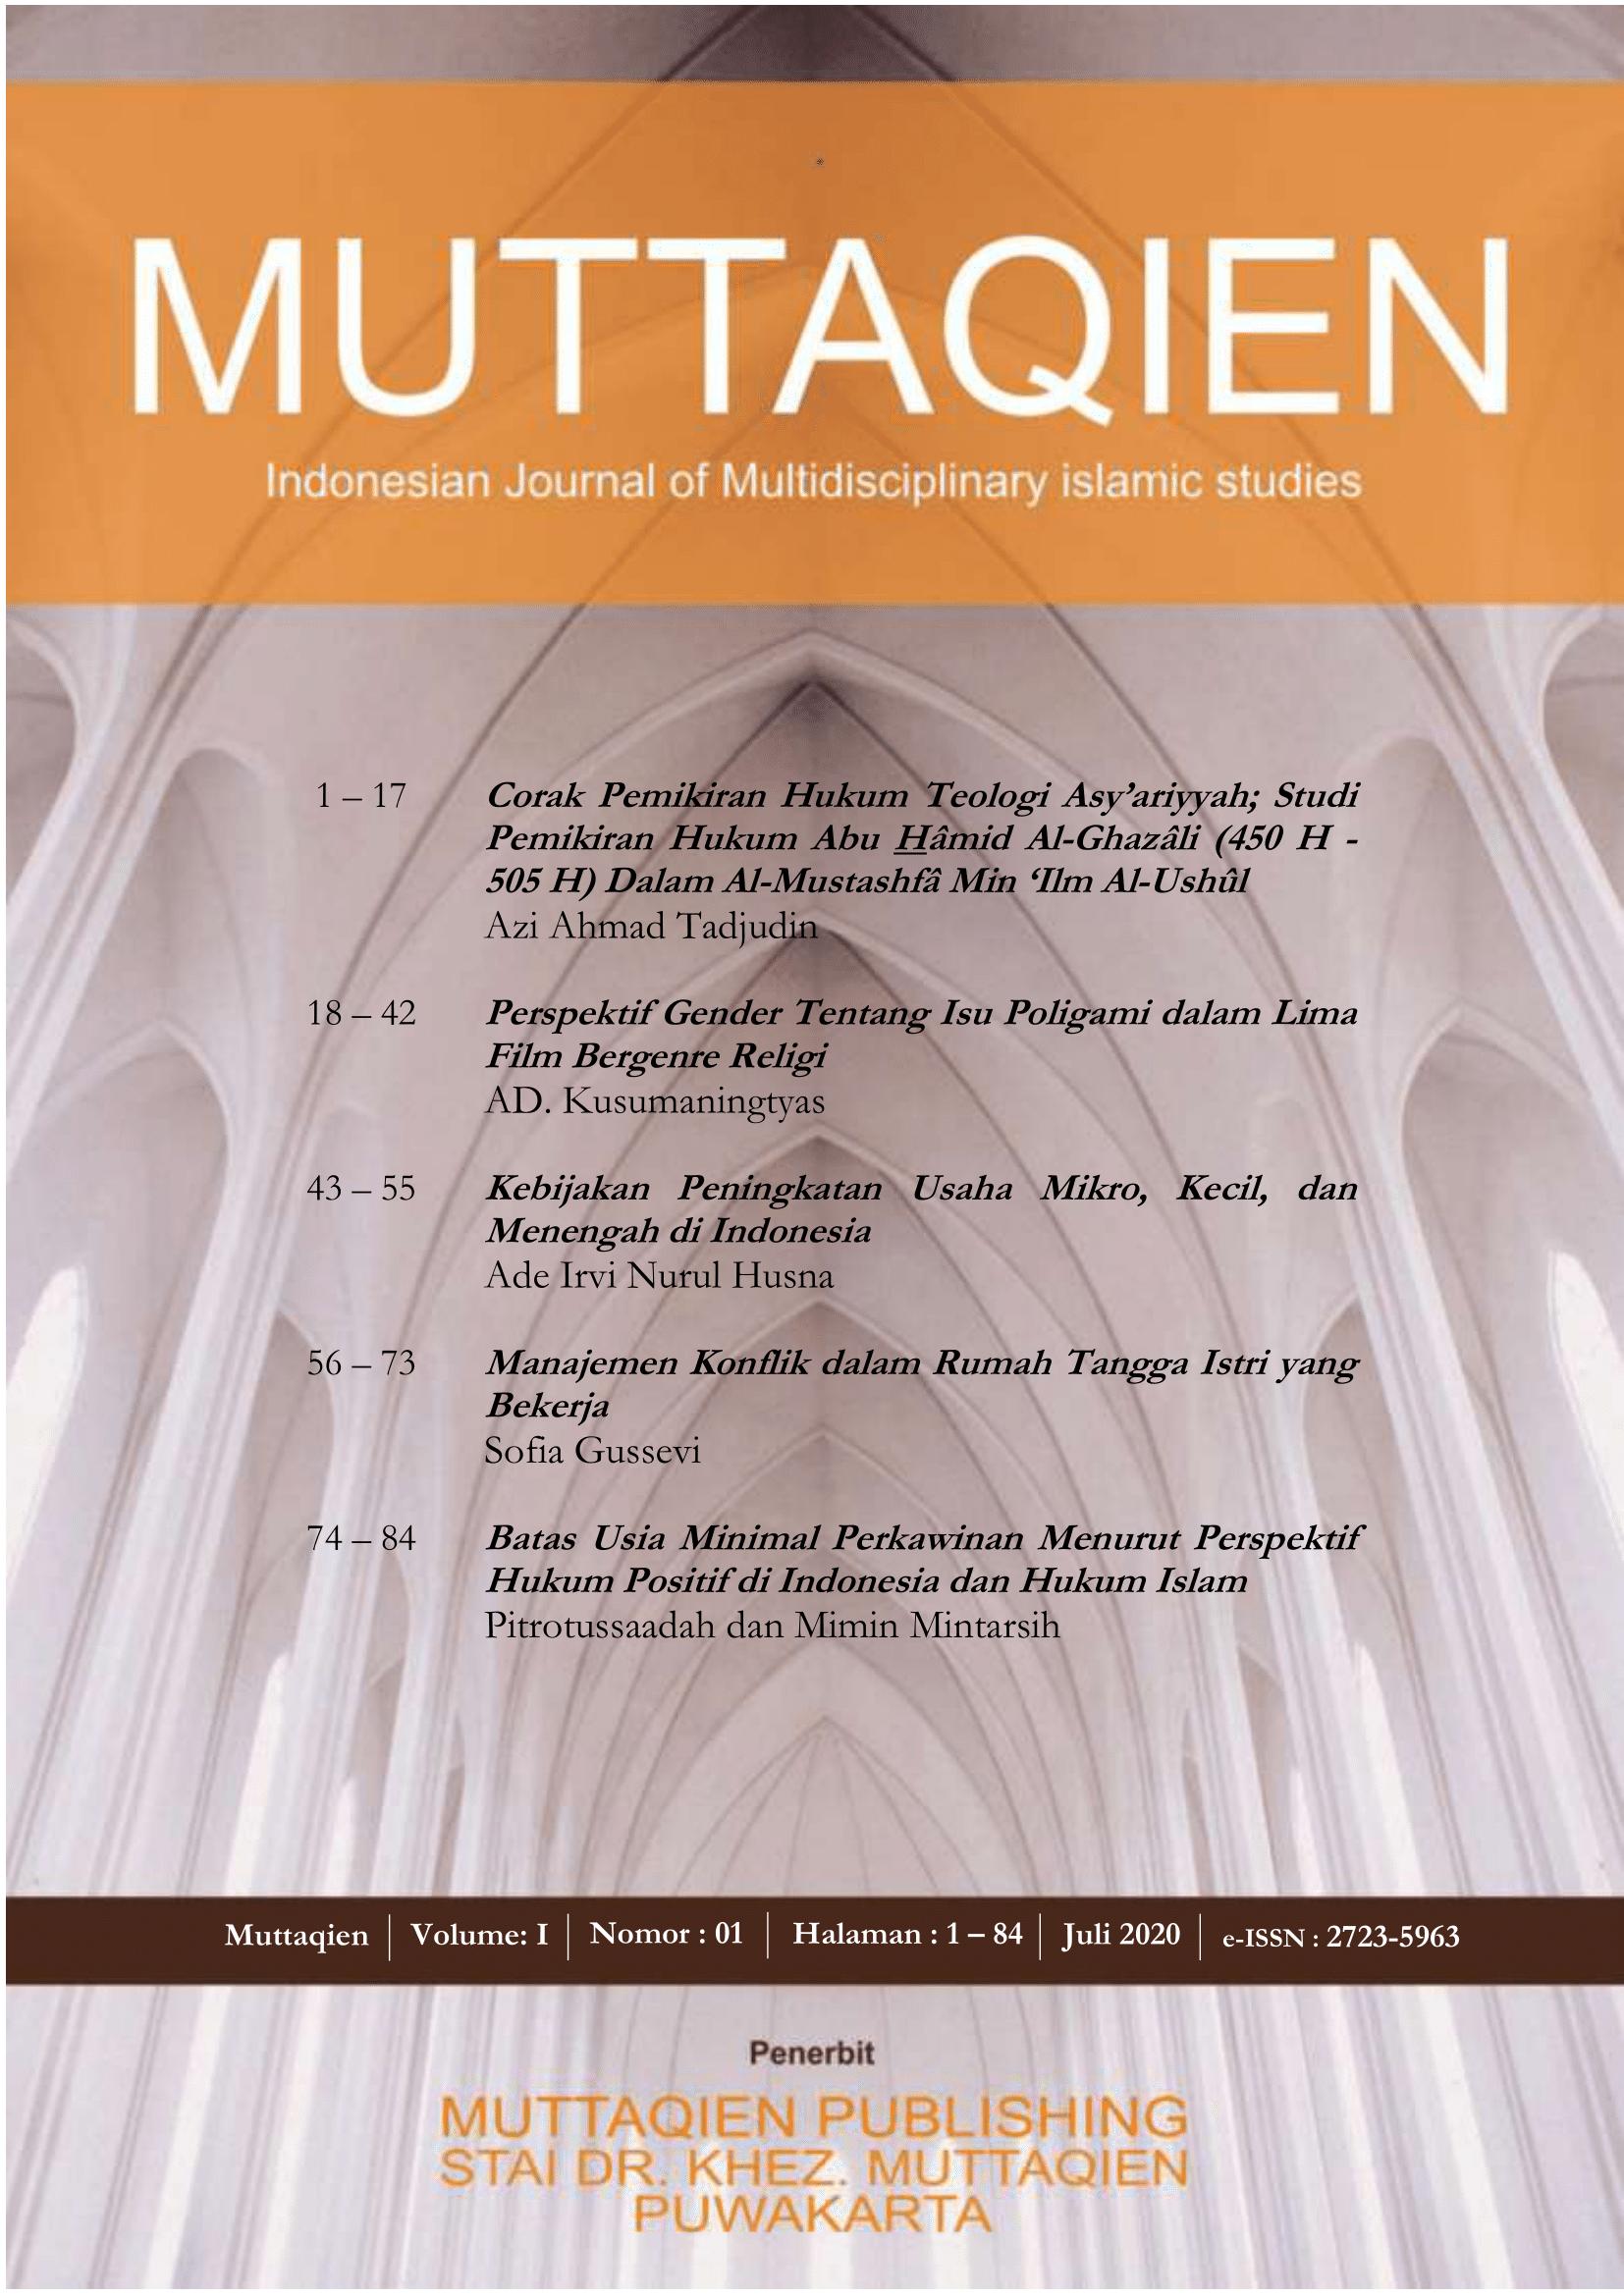 View Vol. 1 No. 1 (2020): Muttaqien; Indonesian Journal of Multiciplinary Islamic Studies (Vol.01, No.1, Juli 2020)